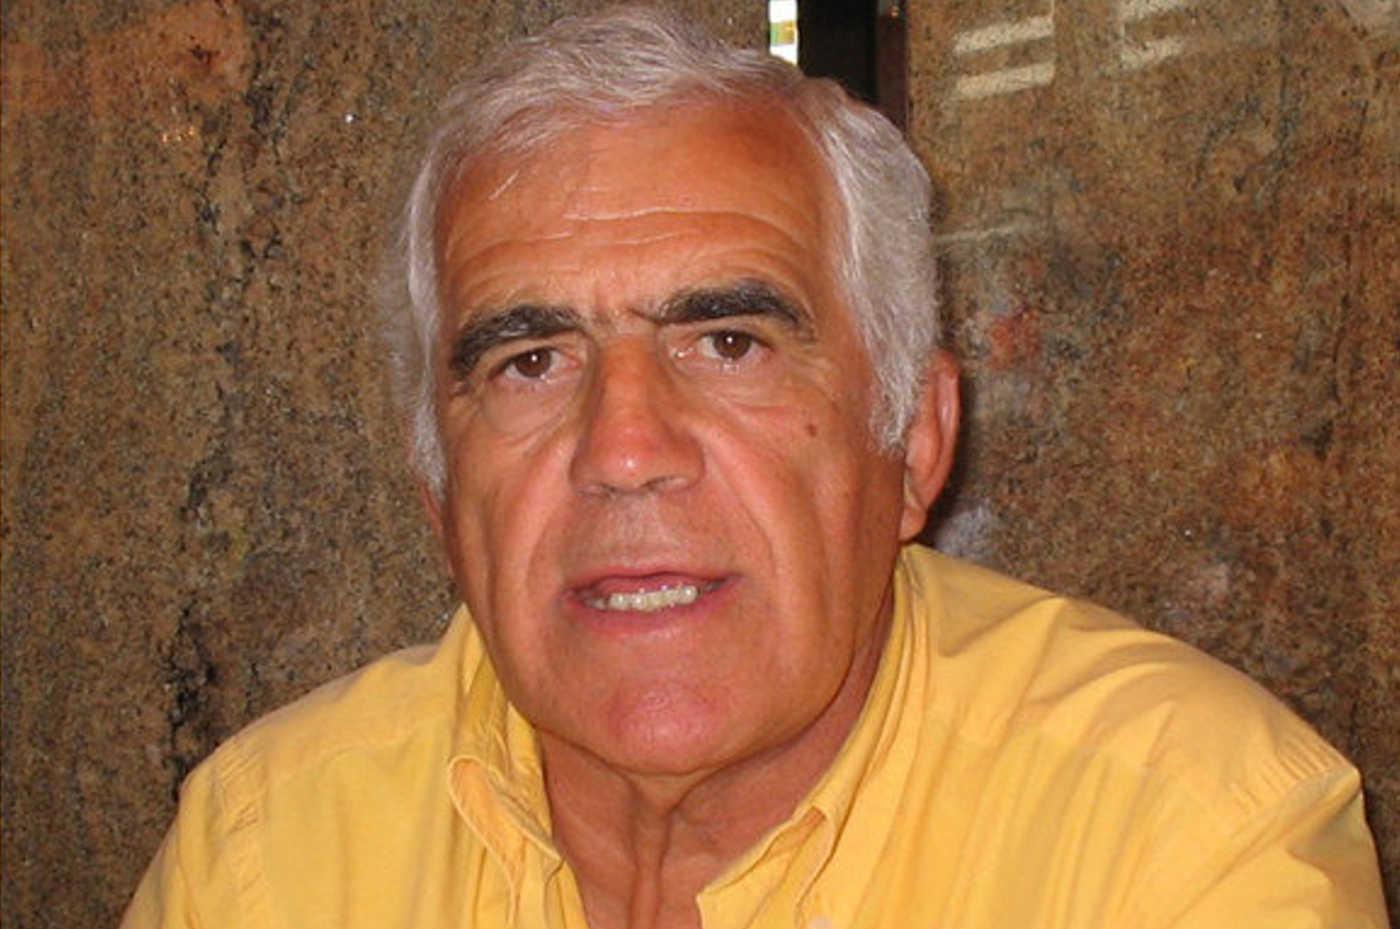 Entrevista a Pedro Gomes em 2012: «Os agentes desportivos são uma praga que descarateriza o amor à camisola»